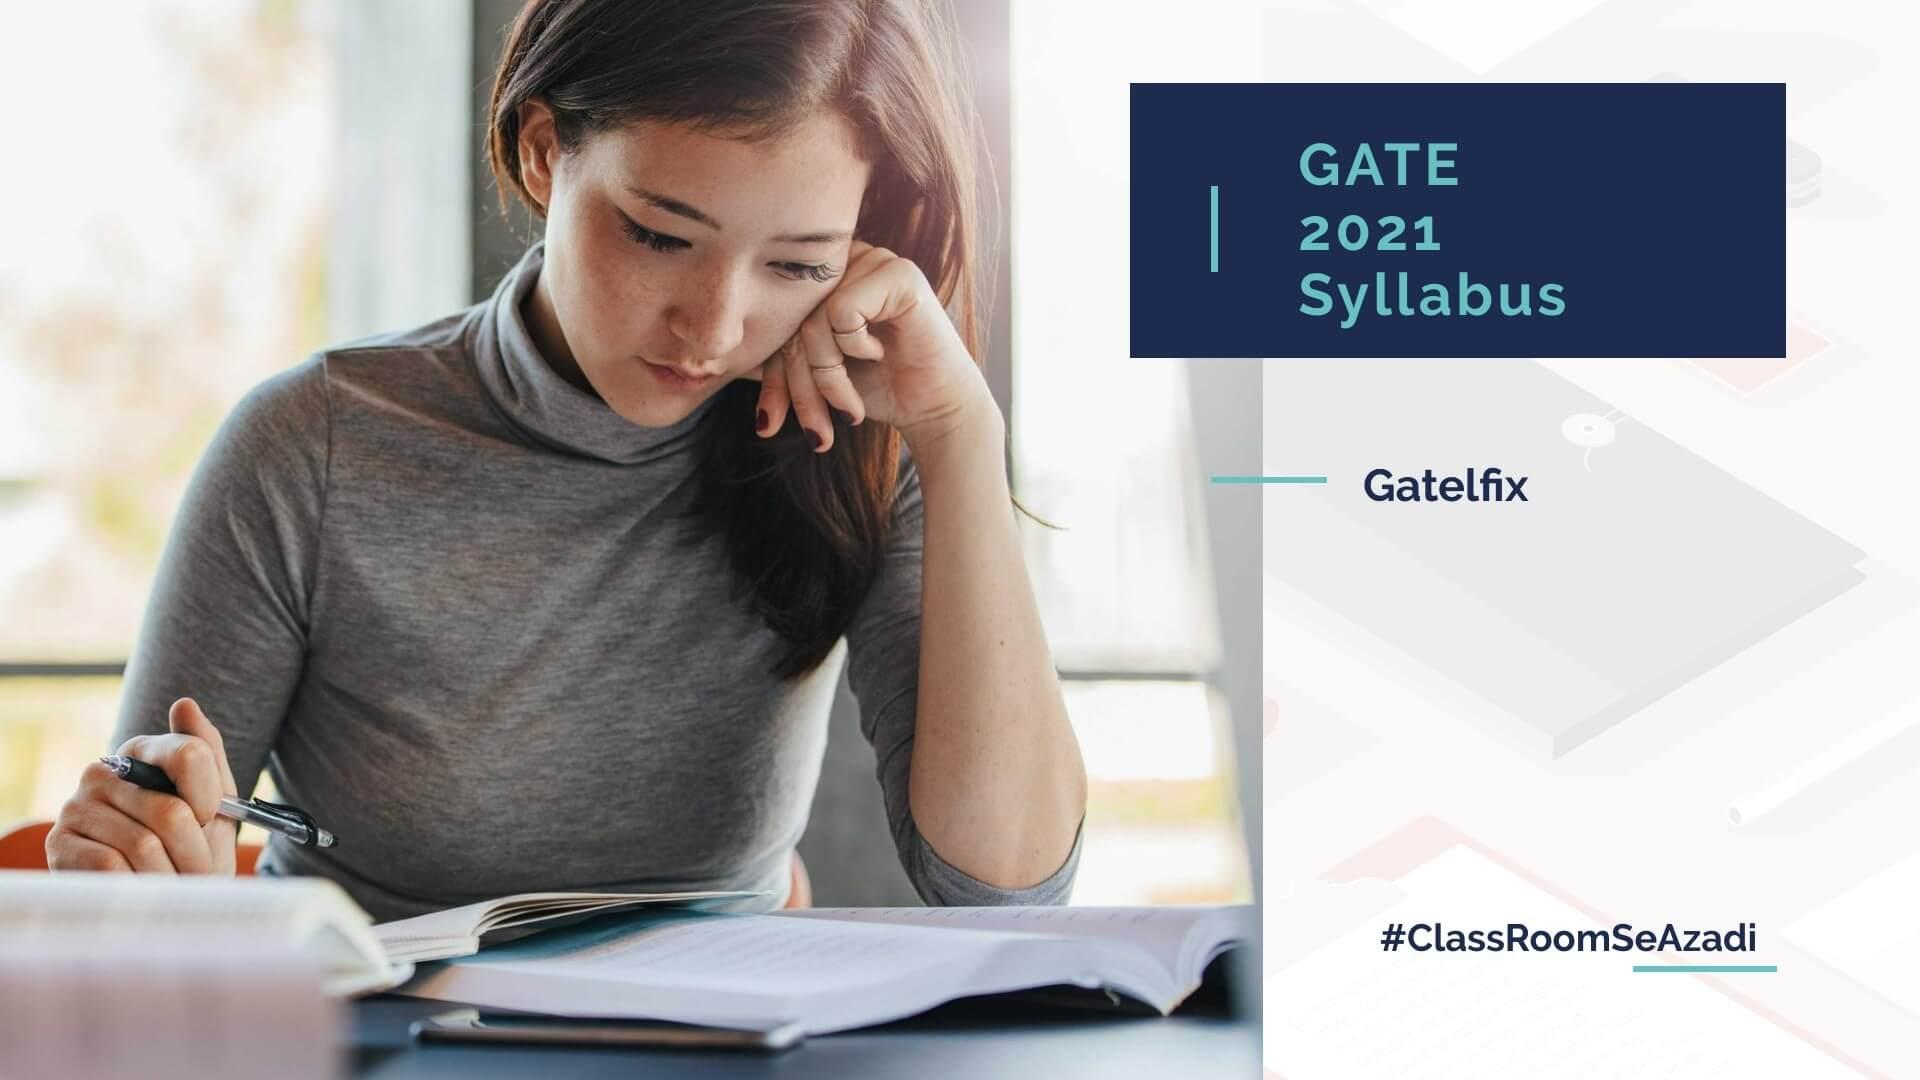 GATE 2021 Syllabus pdf